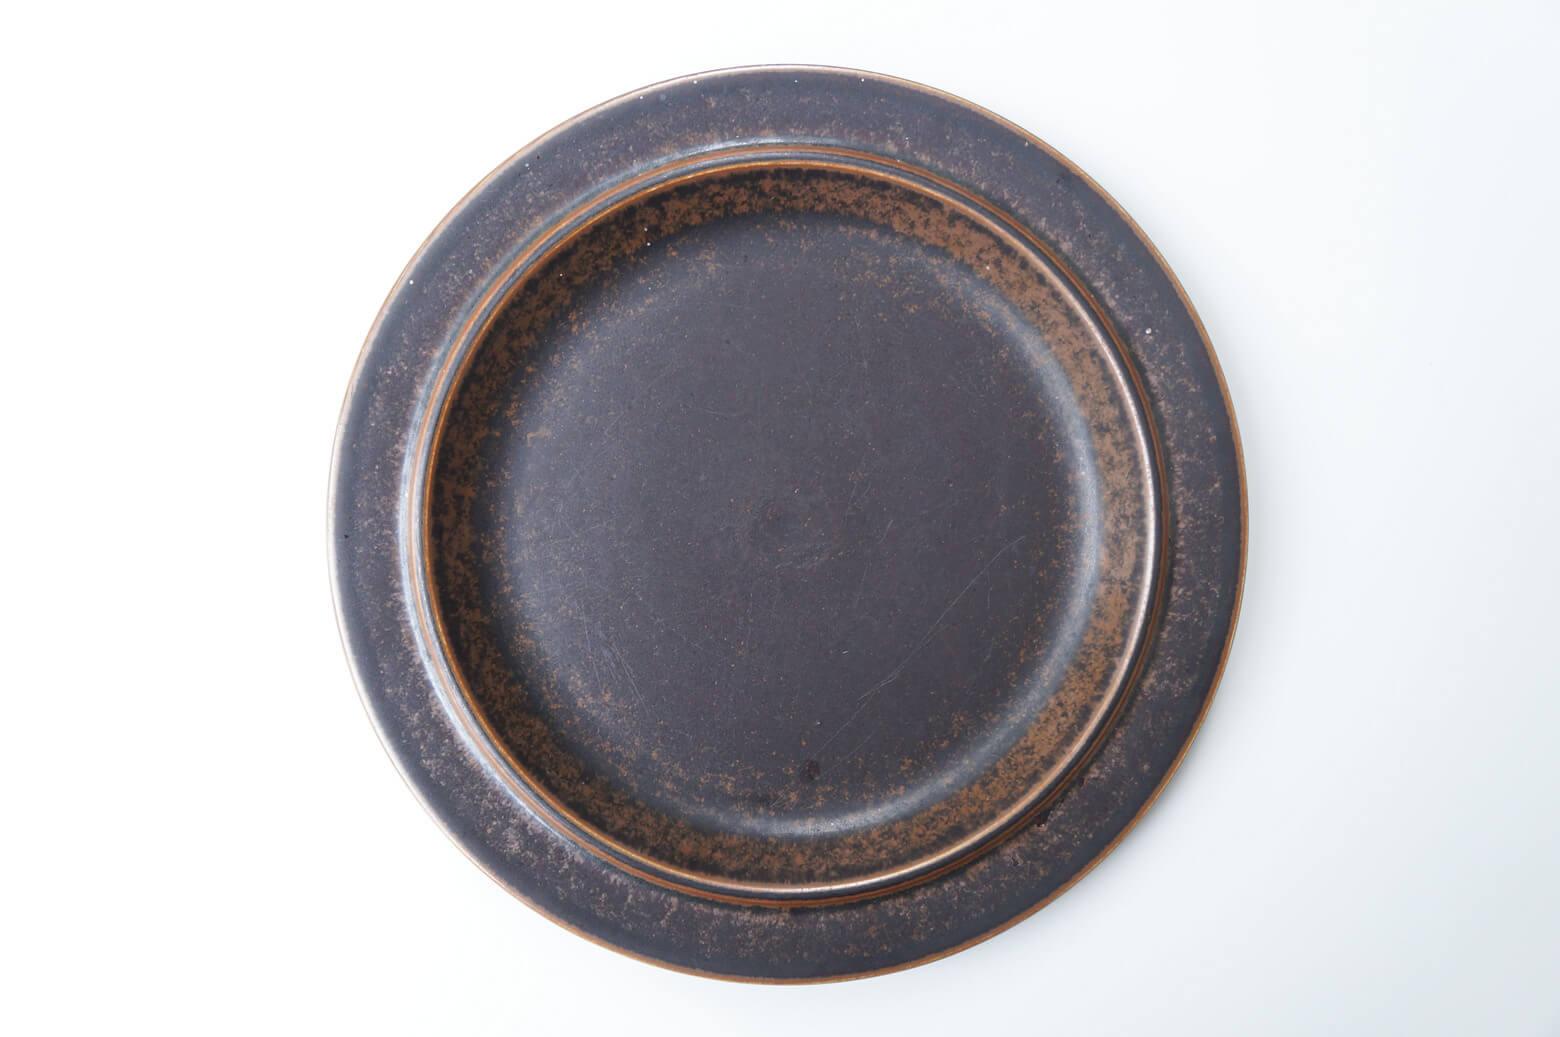 """フィンランドの陶器メーカー、アラビア社のヴィンテージの中でも特に高い人気を誇るシリーズ""""Ruska/ルスカ""""。 アラビアを代表する女性デザイナー、ウラ・プロコッペがデザインを手がけました。 どんな料理にも合わせやすいシンプルなデザインやオーブン調理にも対応している優れた耐熱性。 その使い勝手の良さから、廃盤となっている現在でも高い人気を誇ります。 秋冬の食卓にぴったりな""""紅葉""""カラーのルスカ。 ぜひあったかぁ〜いお料理をルスカに盛り付けて、身も心も温まるディナーをお楽しみください♪ カトラリー跡や細かな擦れがございます。ヒビやチップはございません。 ルスカは金属を含んだ独特な釉薬を使うことによって様々な色合いが生まれます。 そのため、どれひとつとして同じ表情のものはありません。 全てが""""世界に一つだけのルスカ""""。 気に入った色合いのルスカを見つけたら是非ゲットしてください! 全く同じルスカに出会えることはありませんので… ~【東京都杉並区阿佐ヶ谷北アンティークショップ 古一】 古一/ふるいちでは出張無料買取も行っております。杉並区周辺はもちろん、世田谷区・目黒区・武蔵野市・新宿区等の東京近郊のお見積もりも!ビンテージ家具・インテリア雑貨・ランプ・USED品・ リサイクルなら古一/フルイチへ~"""